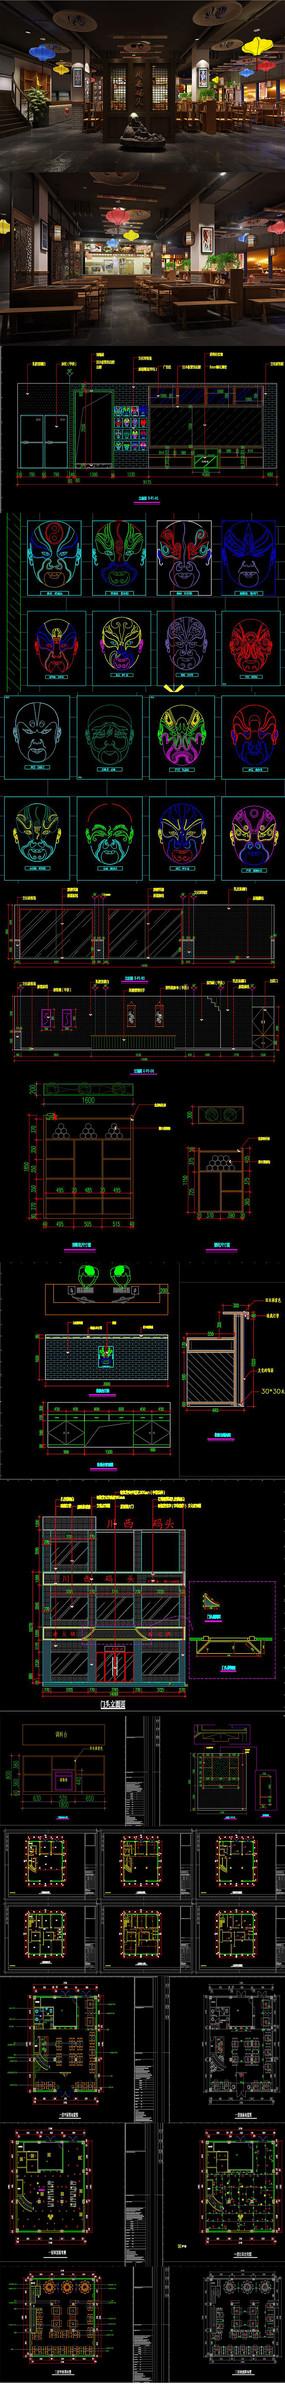 新中式火锅店CAD施工图 效果图